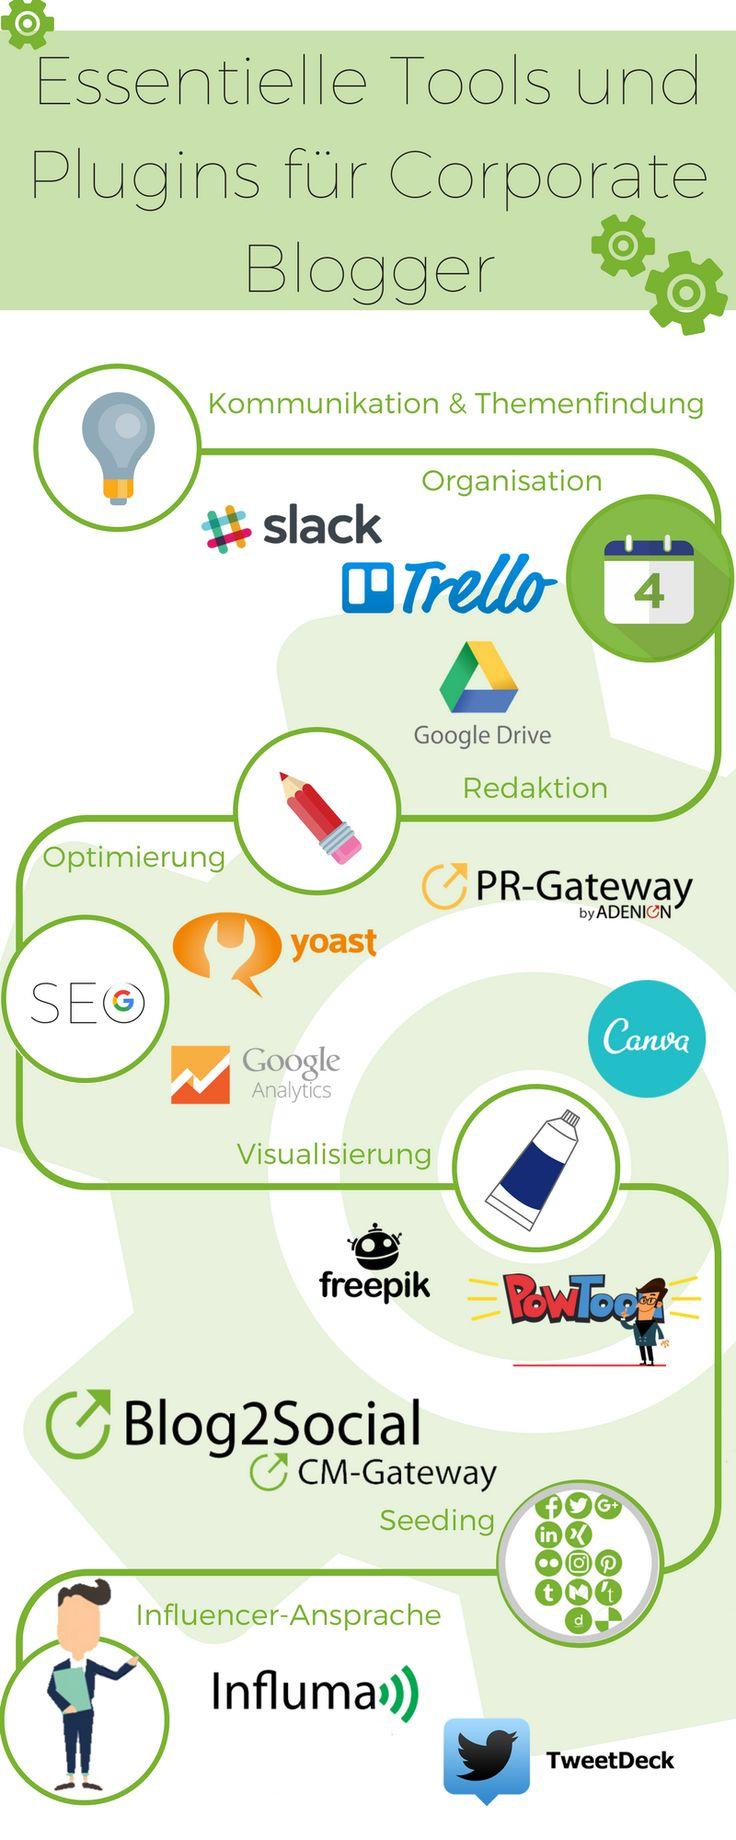 13 essentielle Tools und Plugins für Corporate Blogger. Den Corporate Blog dauerhaft mit interessanten und fesselnden Inhalten zu füllen, in Suchmaschinen zu platzieren oder neue Leser zu gewinnen, erfordert nicht nur kreative Ideen und Know-how über Google, Facebook und Co., sondern auch jede Menge Zeit.